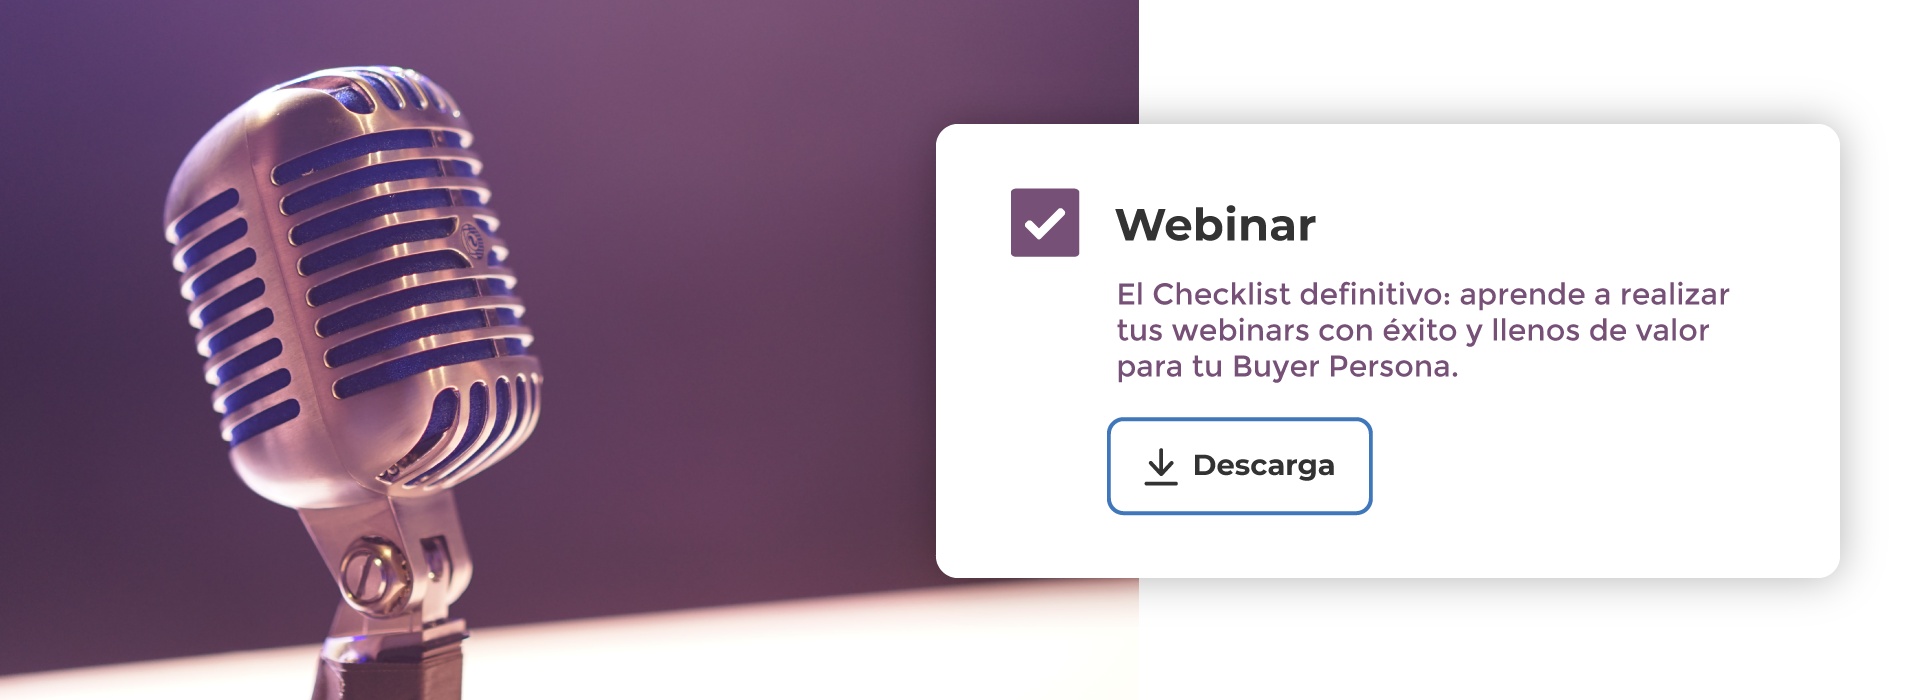 imagen-how-to-do-a-webinar